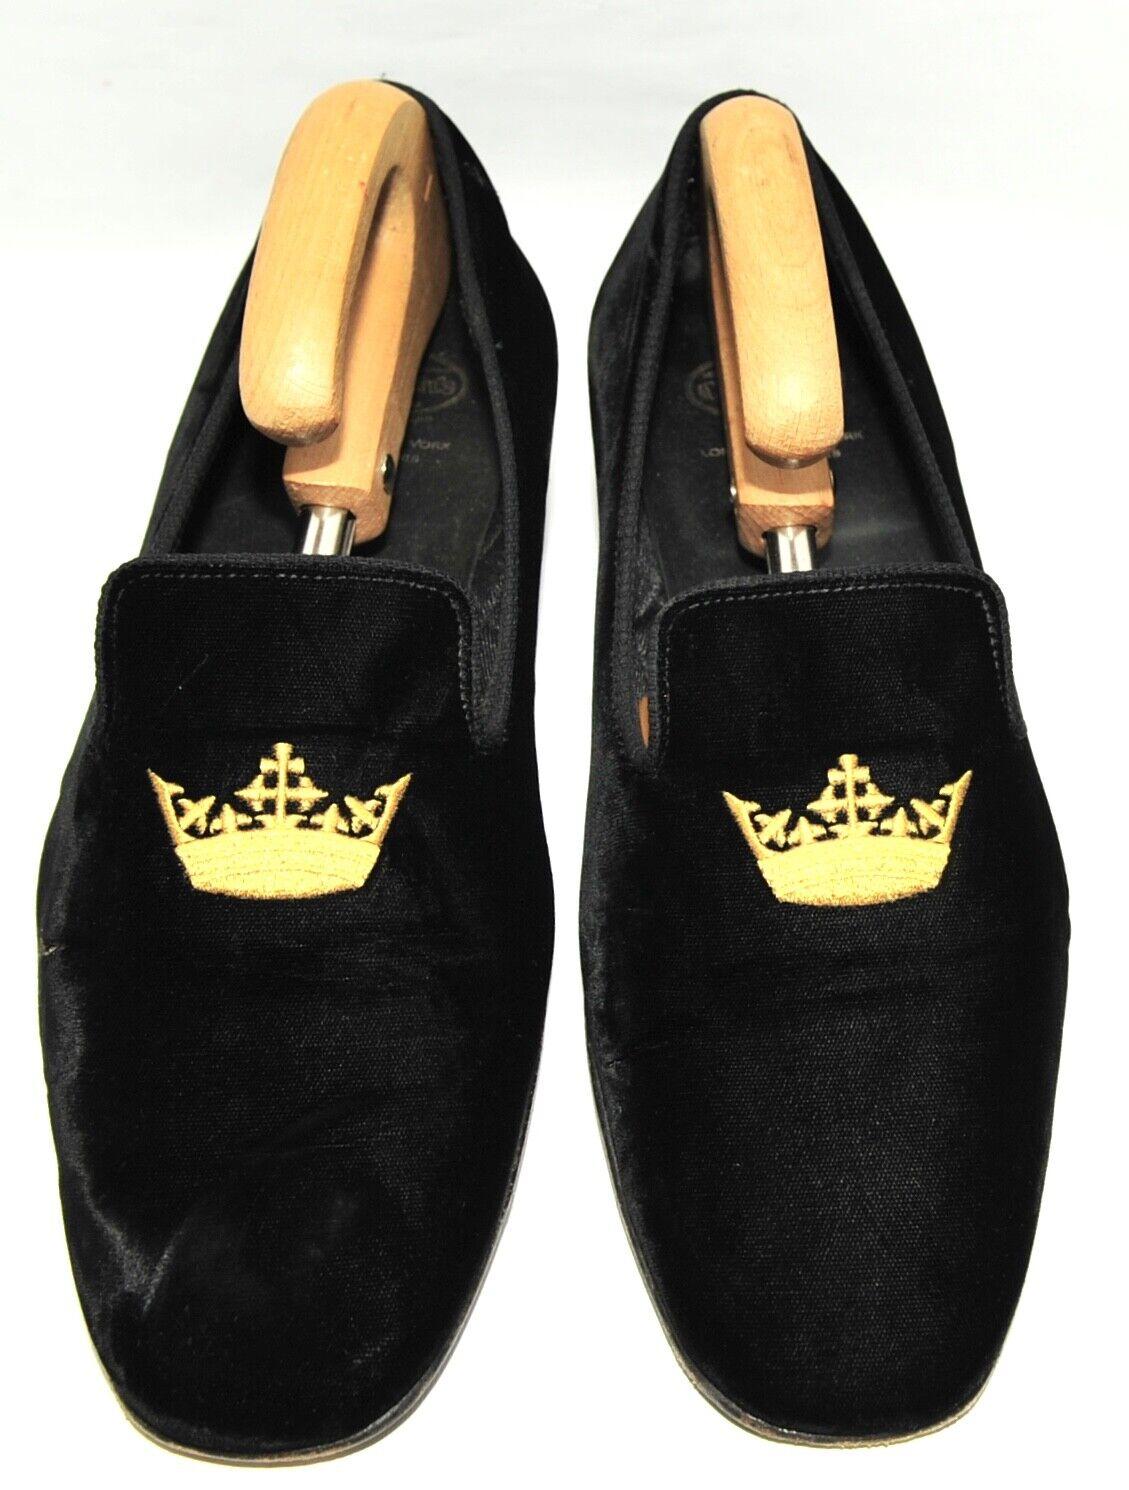 Gran Corona De Terciopelo Negro para Hombre Church'S Mocasines Zapatillas 10.5 UK 44.5 EU